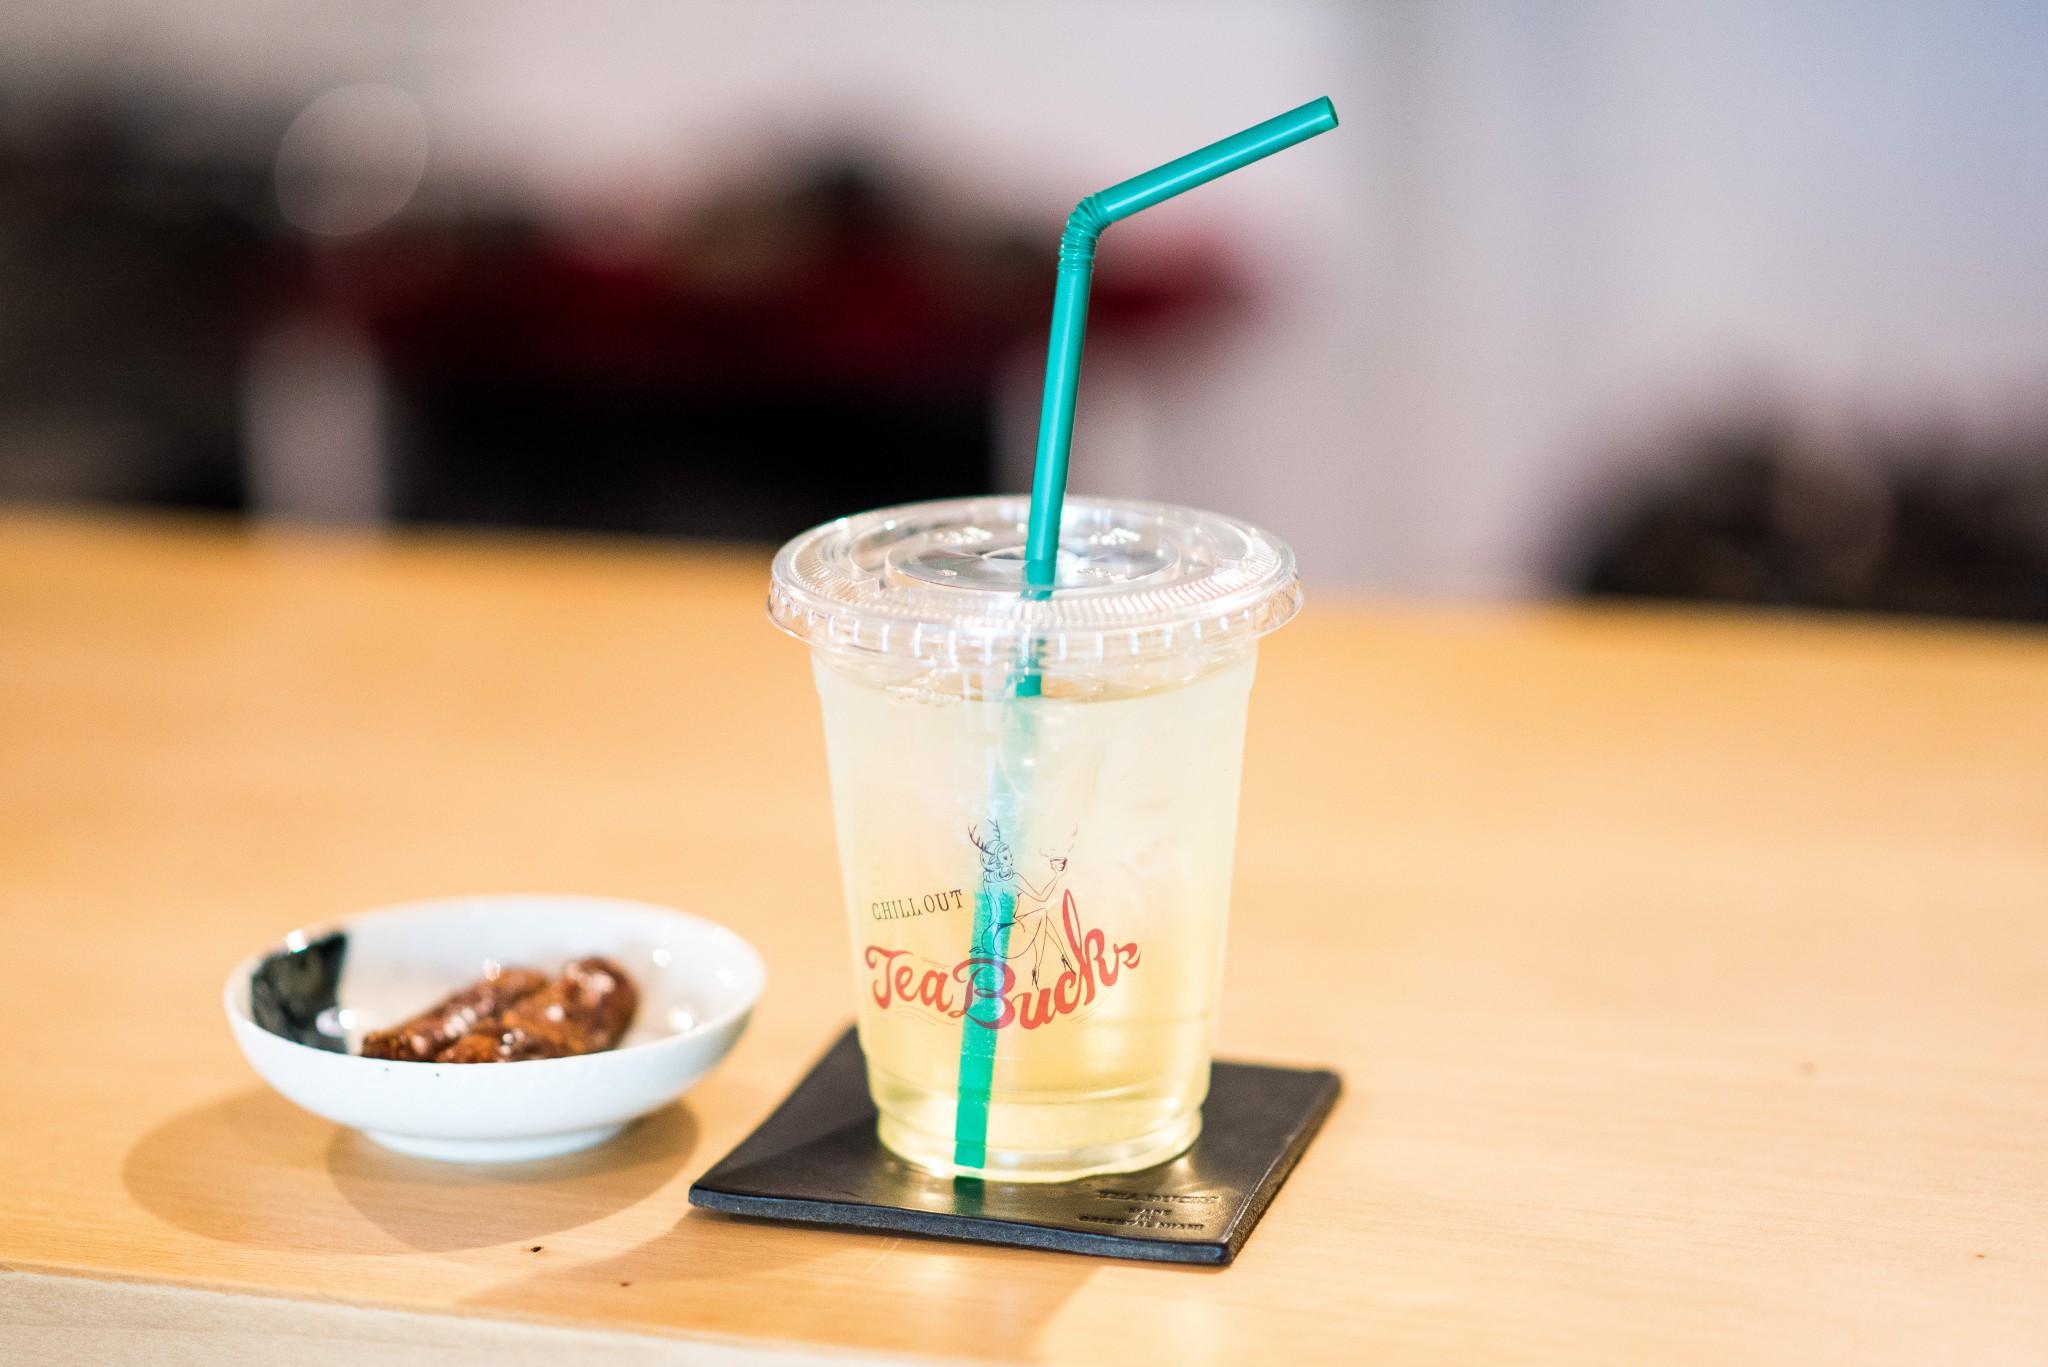 炭酸×紅茶の新感覚ドリンクも!おしゃれカフェのひんやりティードリンク5選【東京】